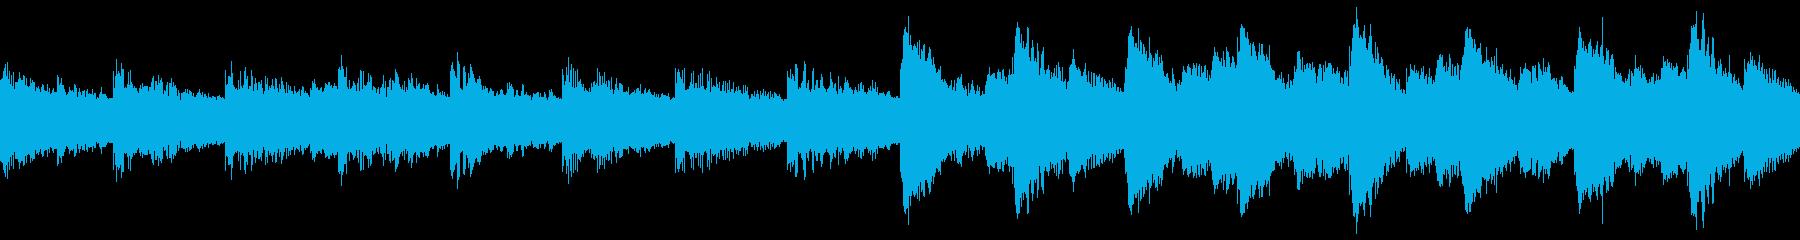 ゲームオーバー時のチップチューンの再生済みの波形